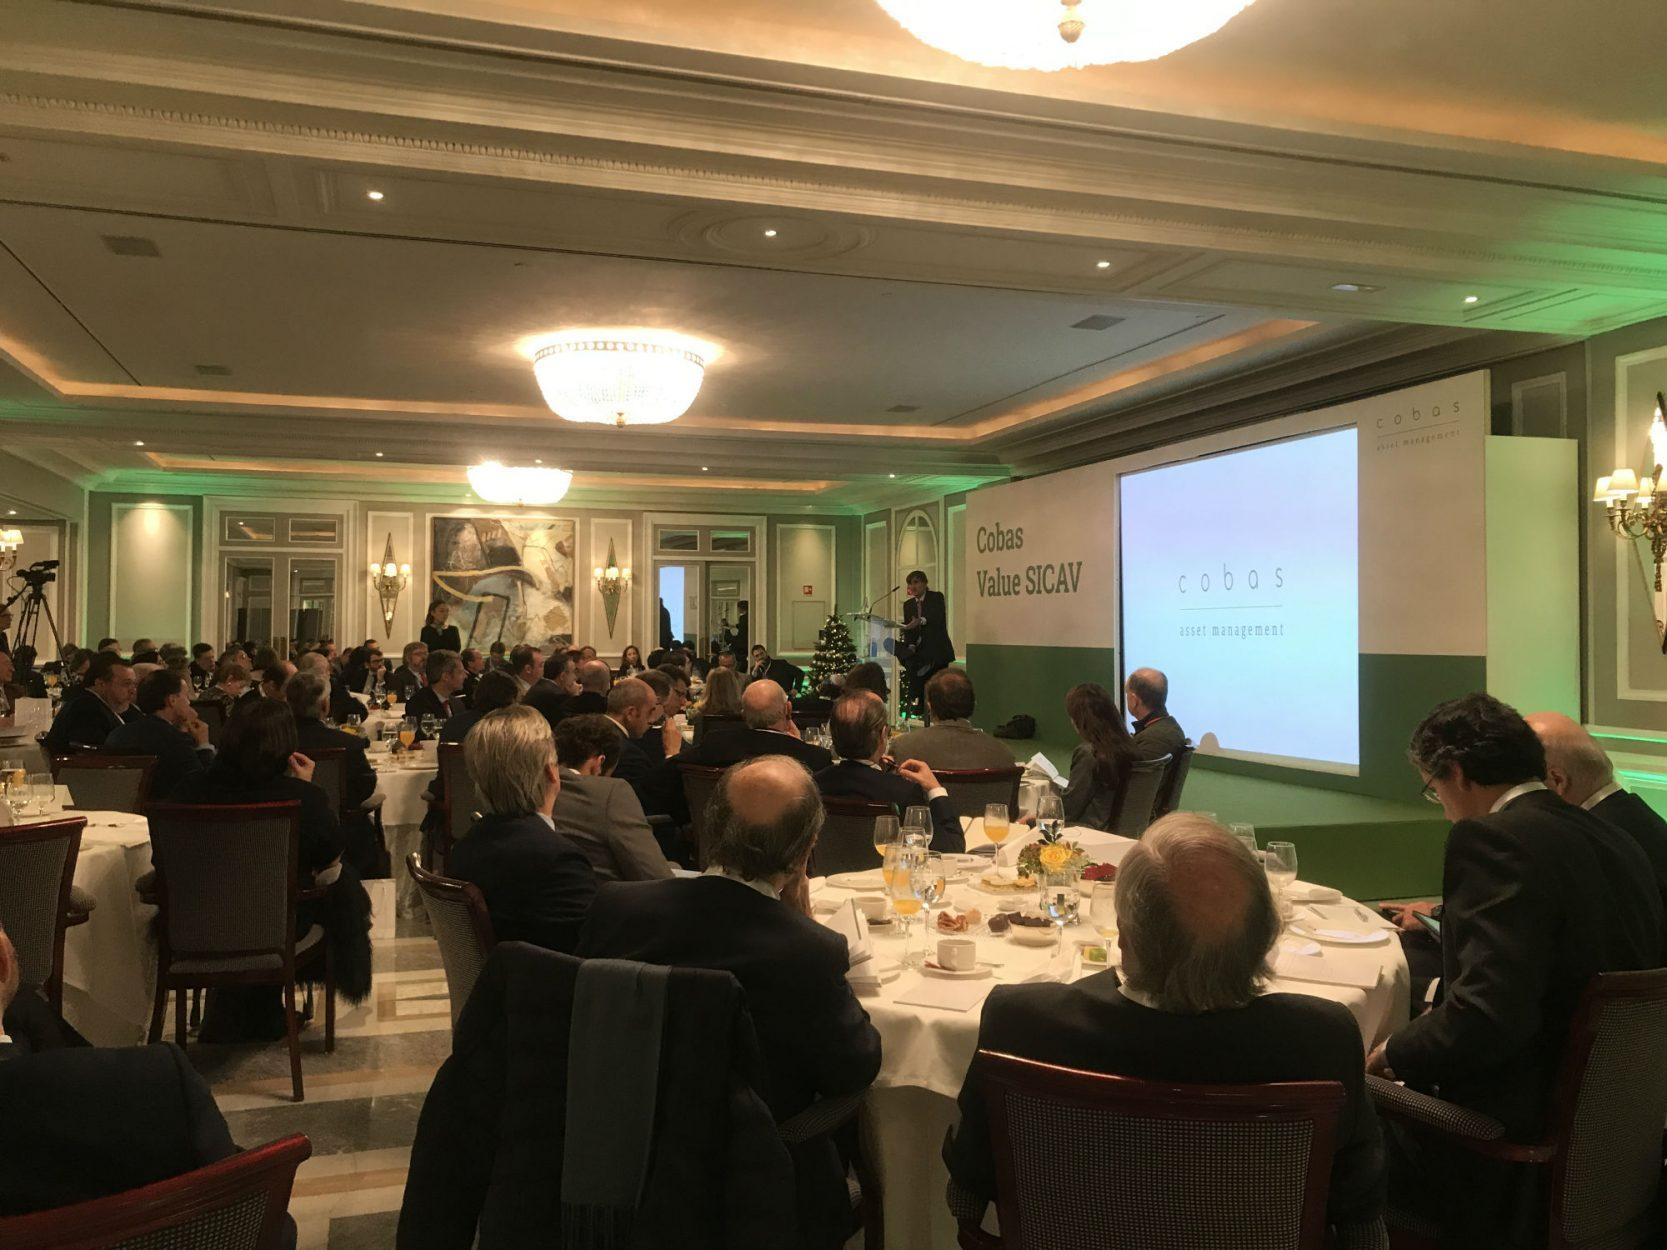 Agencia de eventos en Madrid | Cobas